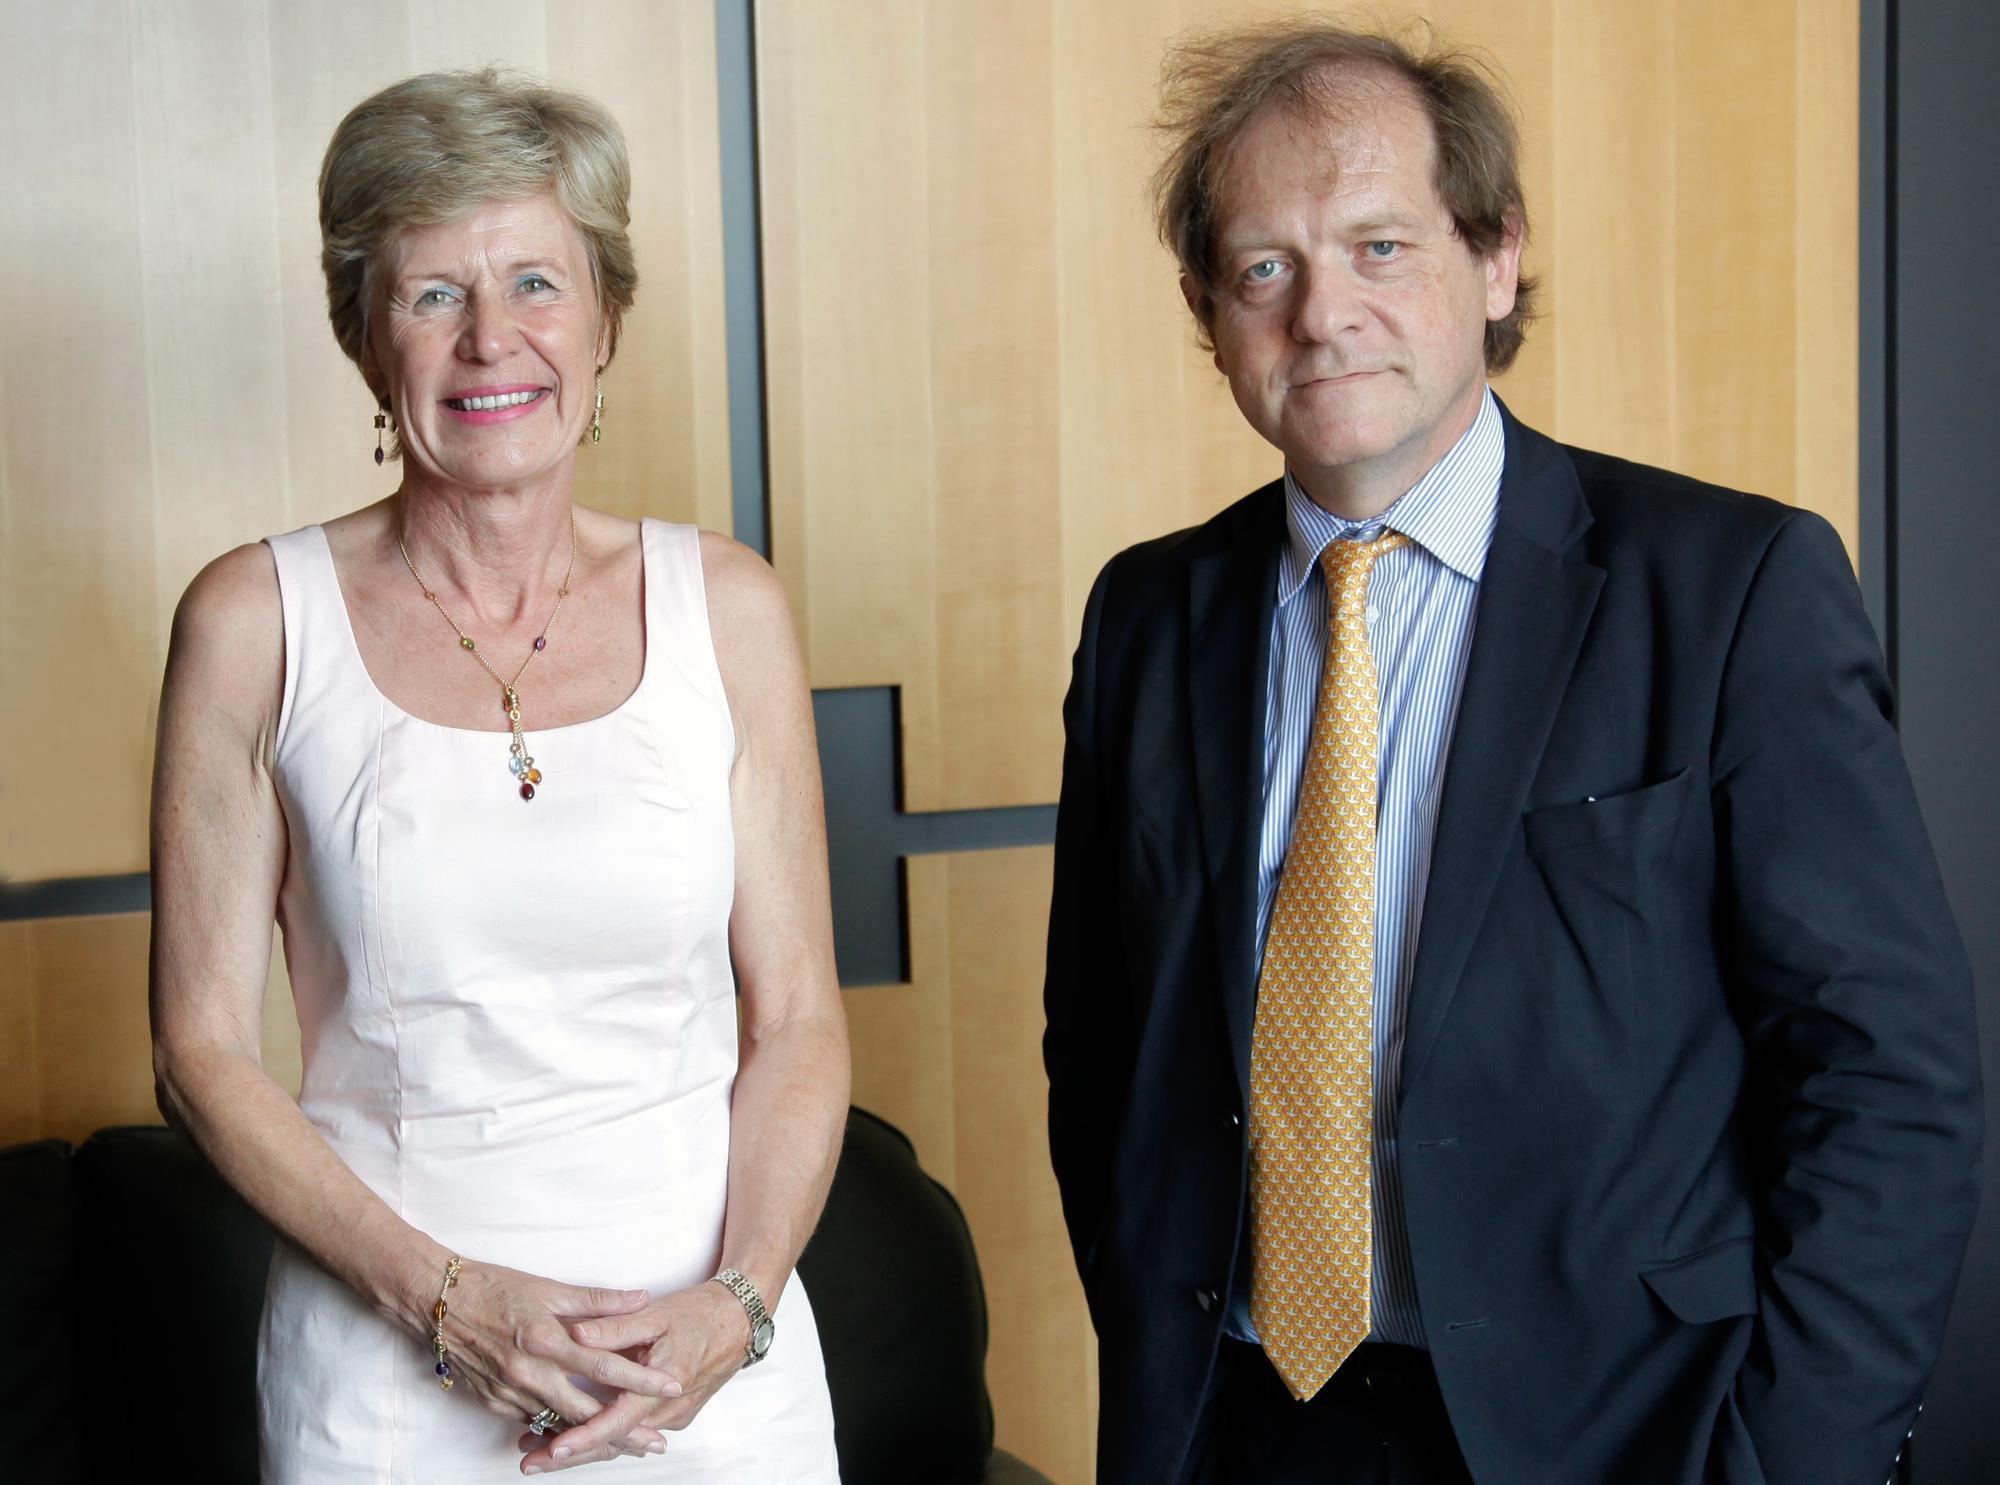 De rectoren Anne De Paepe van de UGent en Rik Torfs van de KU Leuven  © Rob Stevens